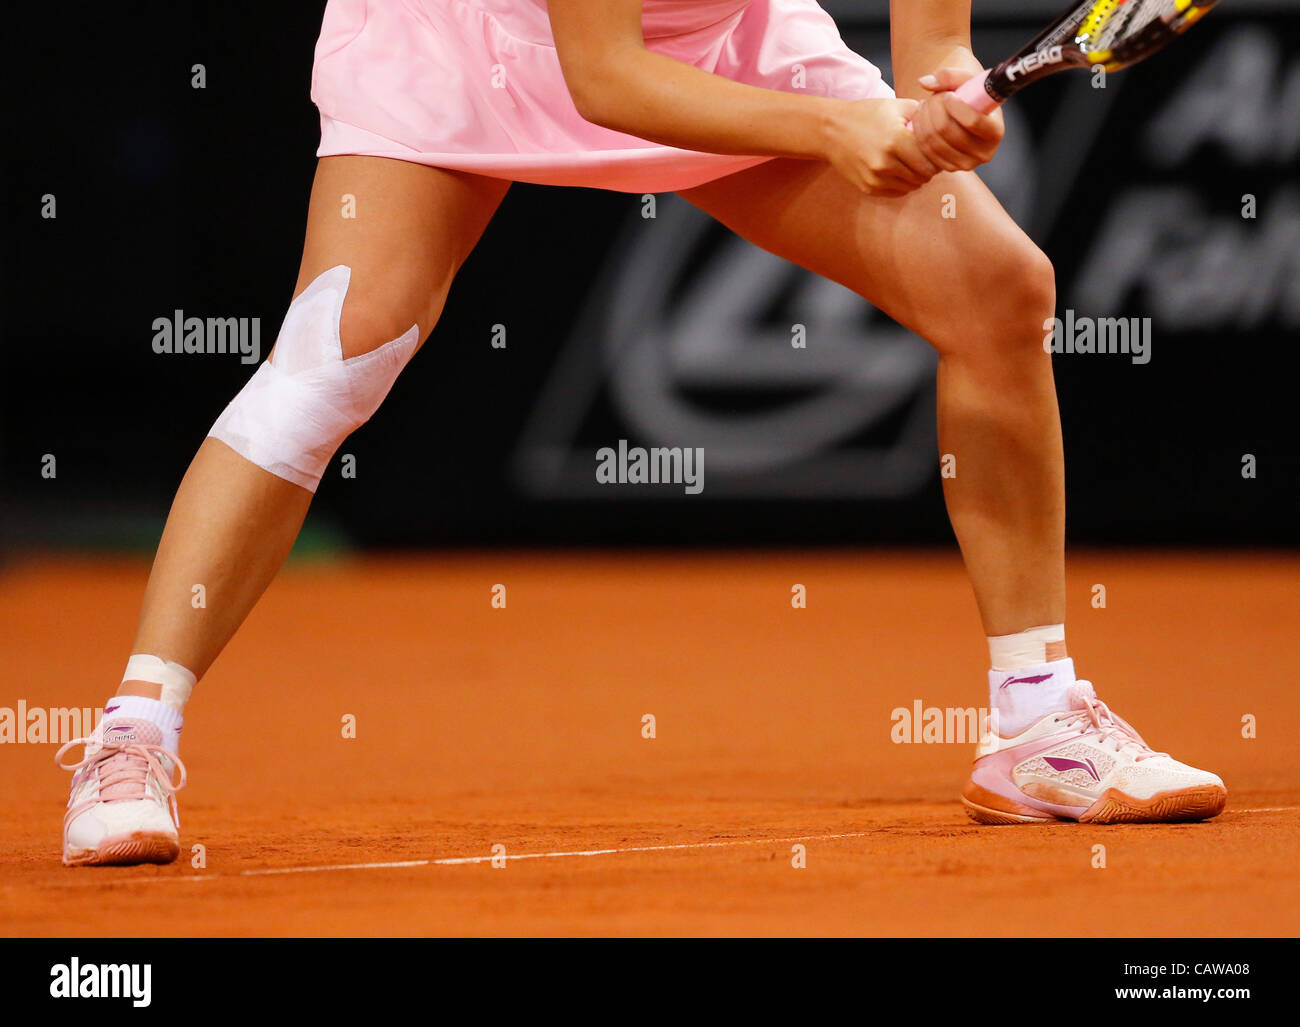 Symbolbild und Illustration Pflaster Verband am verletzten Knie einer Spielerin , Beine,Aktion Aufschlag,  Portrait, - Stock Image